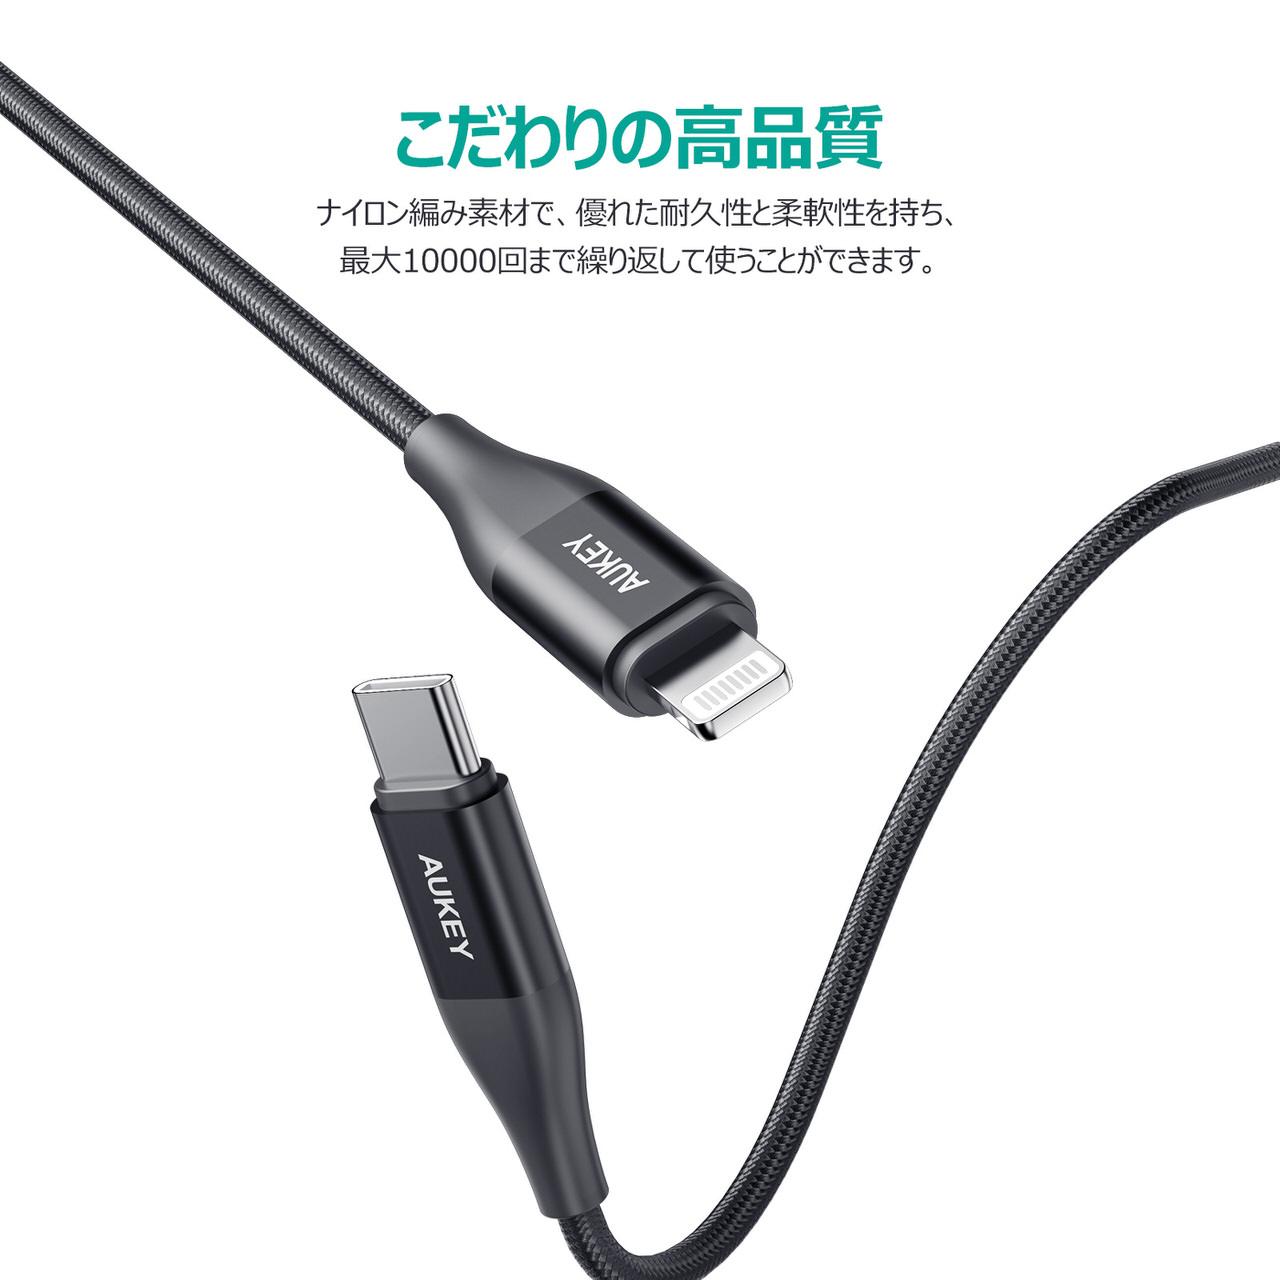 AUKEY、お手頃価格で高品質のPD対応USB-C toライトニングケーブル 「CB-CL12」「CB-CL20」2月19日より発売